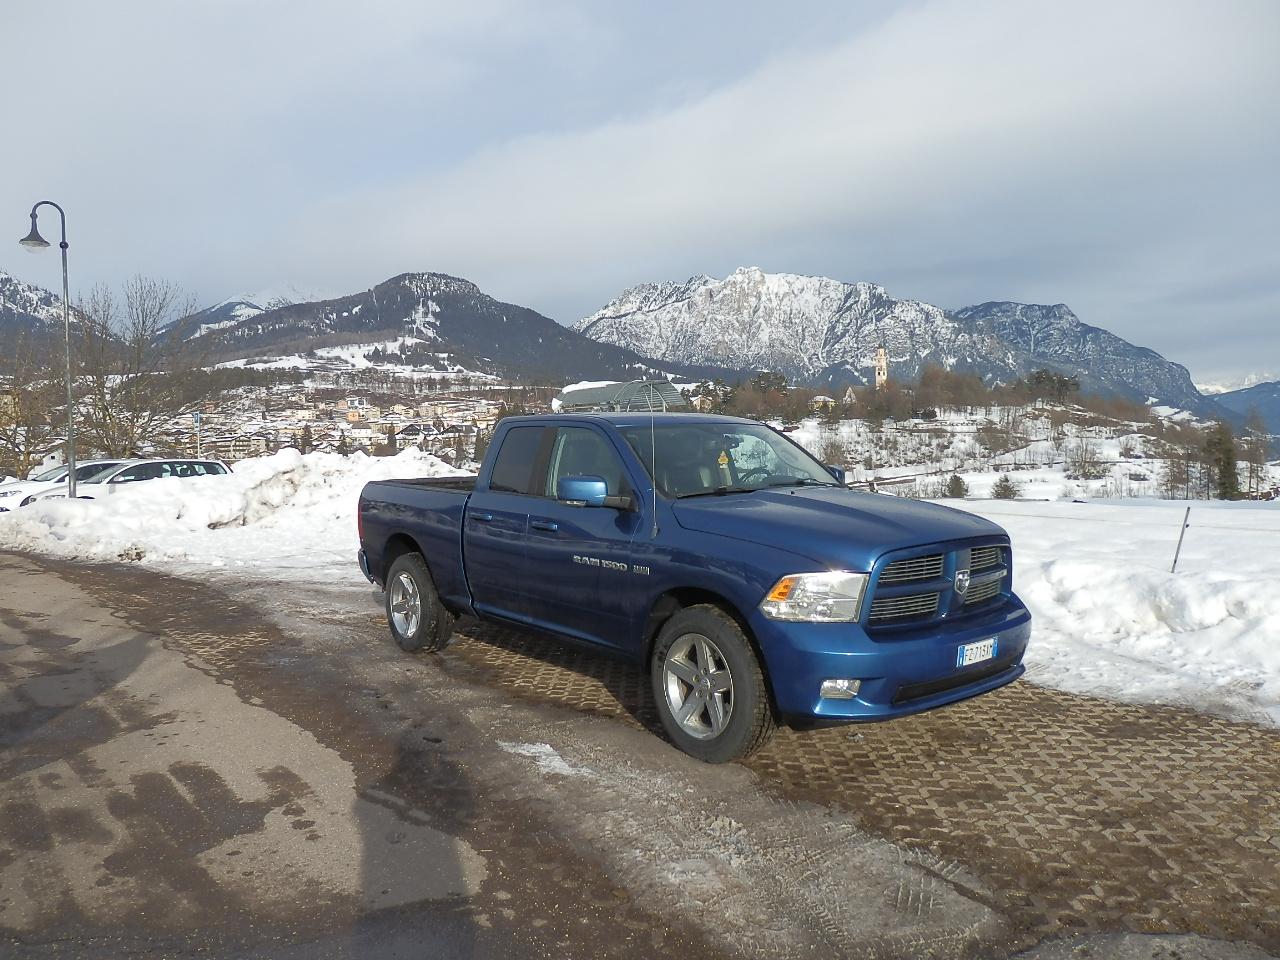 Dodge - RAM 1500 - Km 205700 - Euro 24800 - Autonuova Cavalese - Trento - Belluno Ponte nelle Alpi